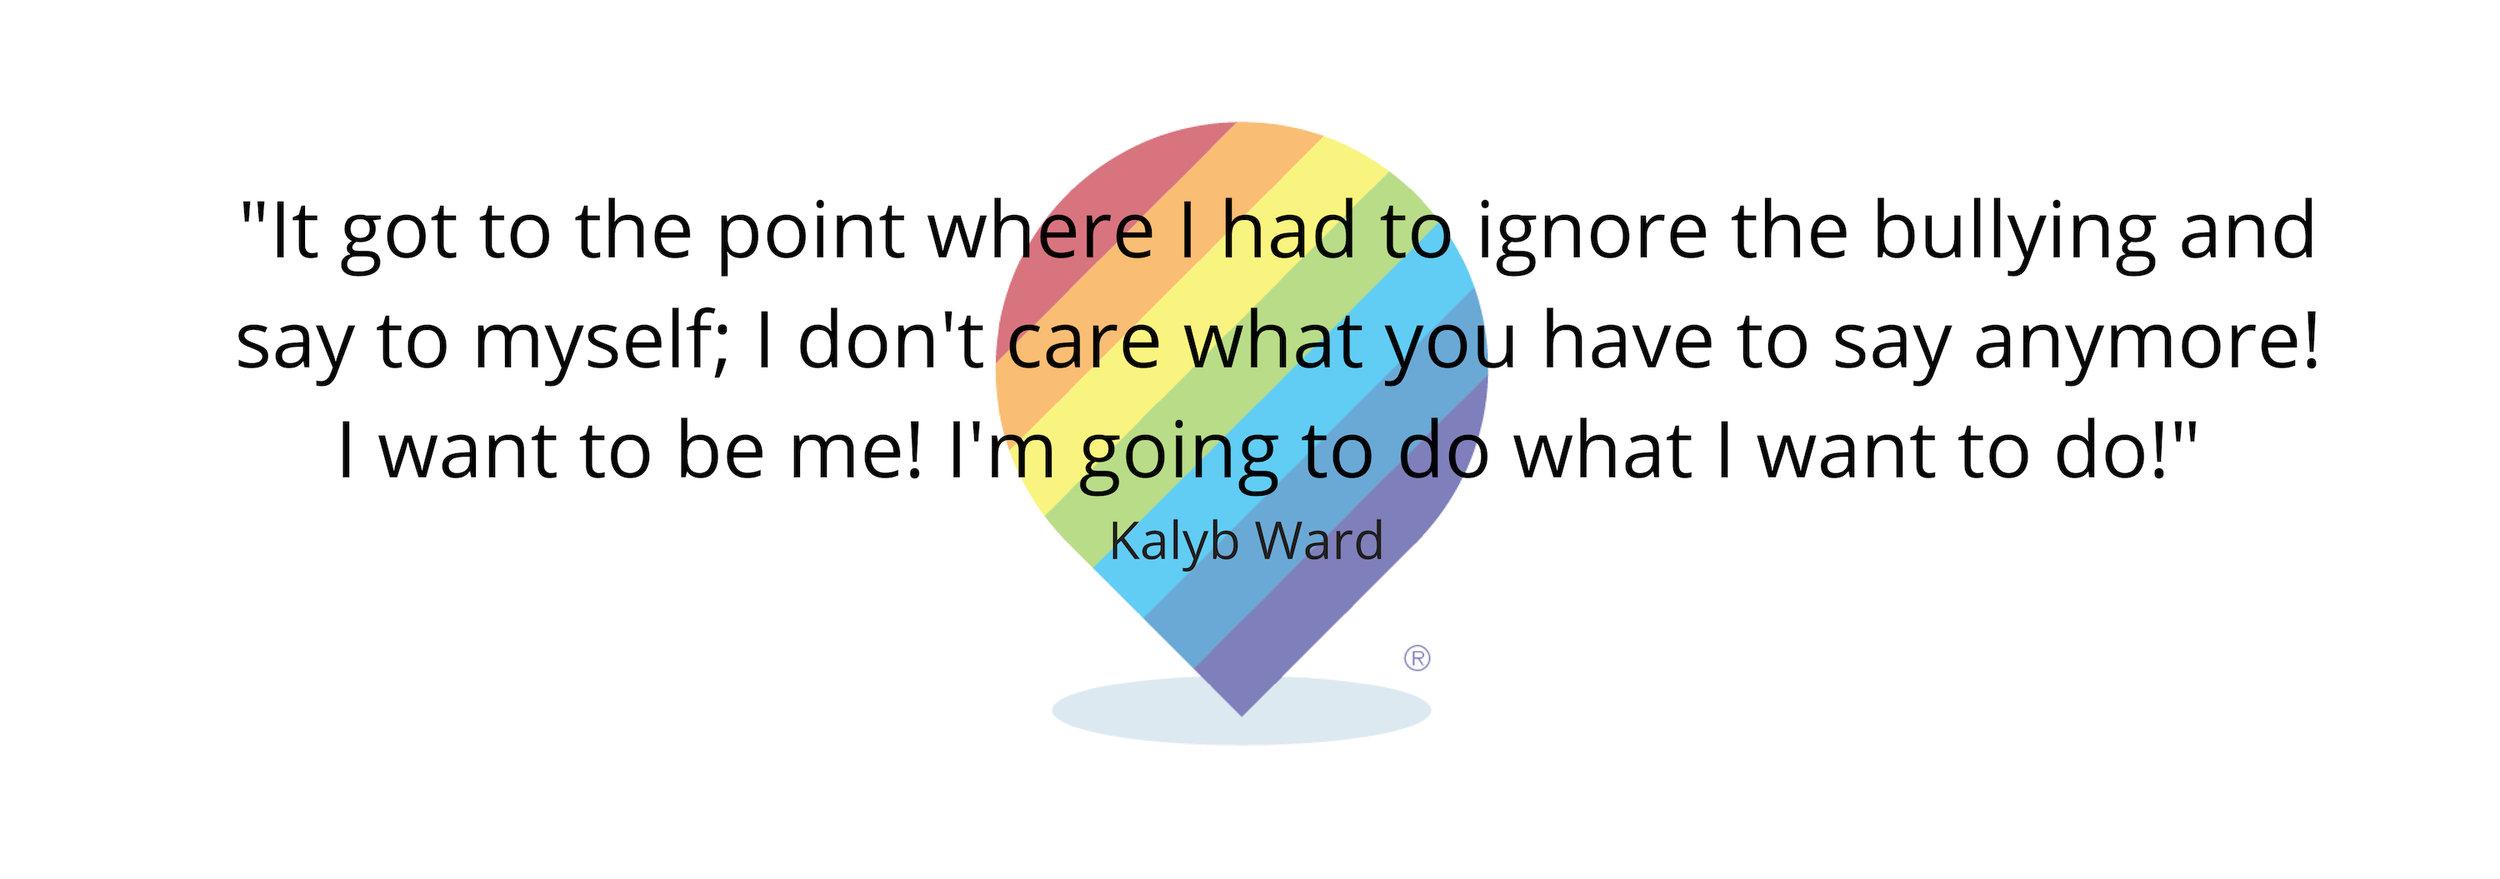 KalybWard(1).jpg